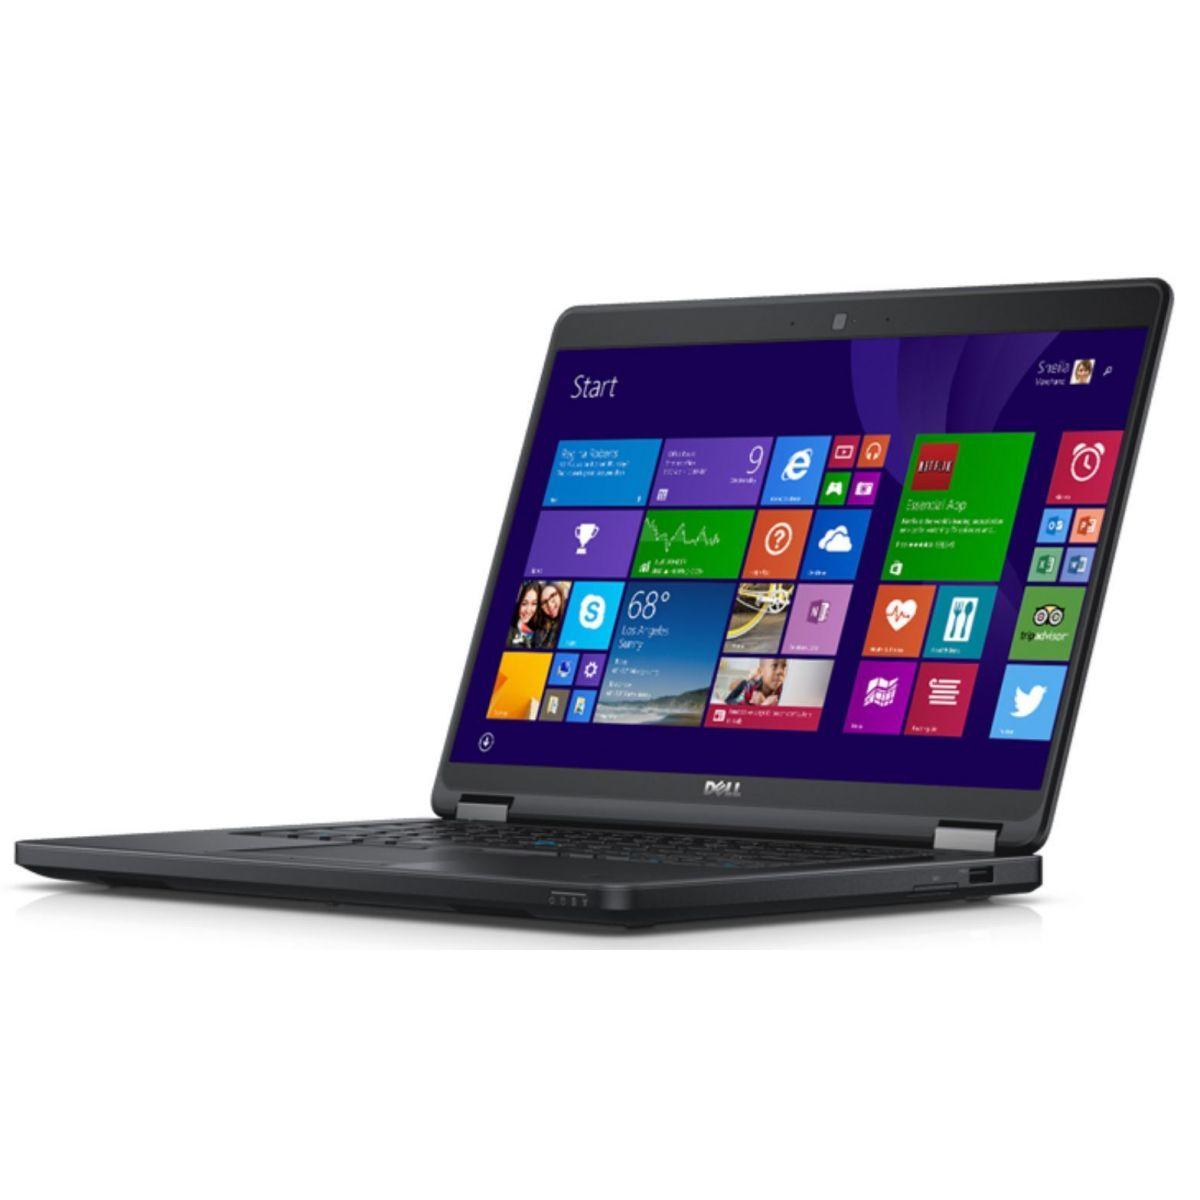 Notebook DELL Ultrabook Latitude Ultrabook E5450 - Intel Core i5 VPro de 5°Geração, 8GB de Memória, SSD 256GB, Wireless AC, Bluetooth, Tela LED de 14